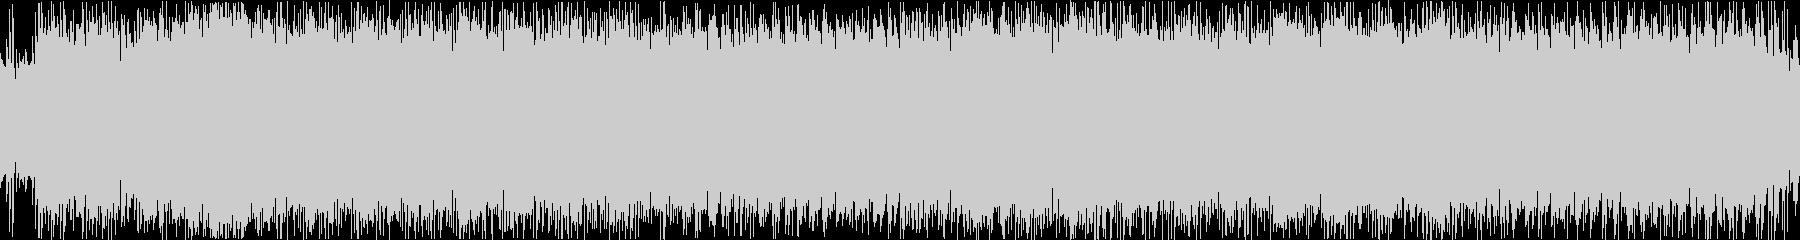 和風/モダン/箏/EDM/ループの未再生の波形